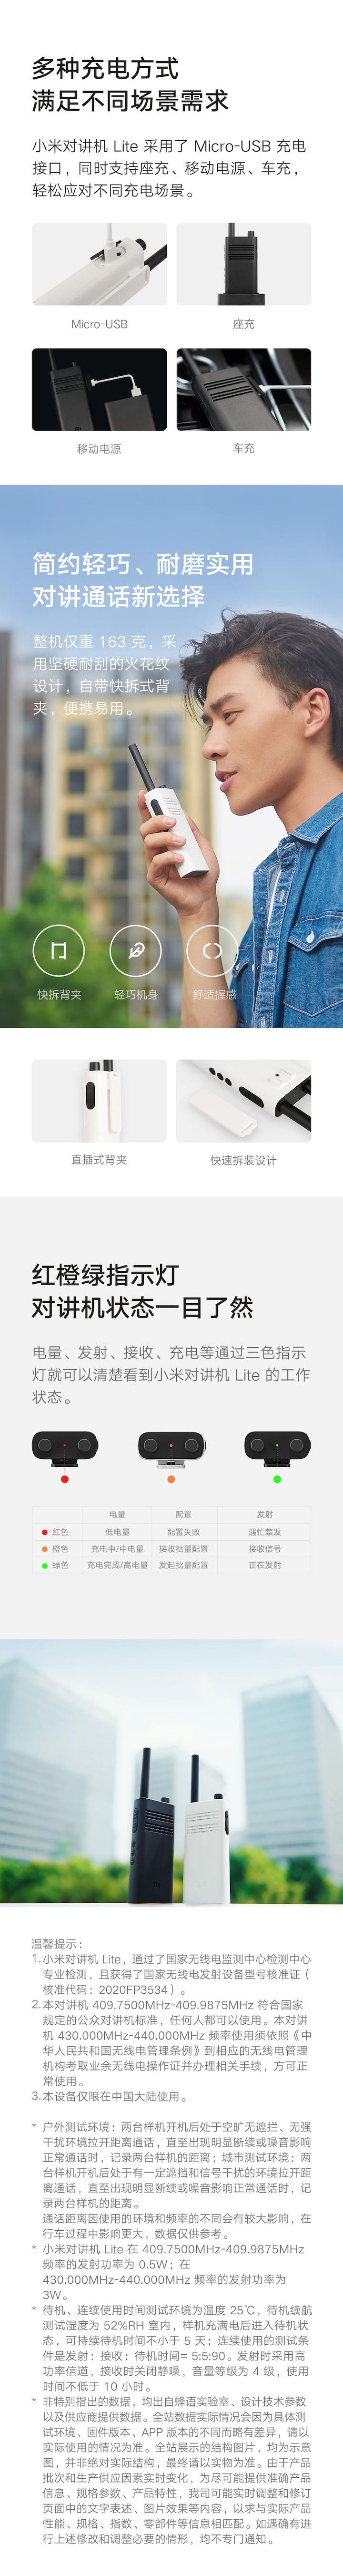 【轻众测】小米对讲机Lite免费试用,评测